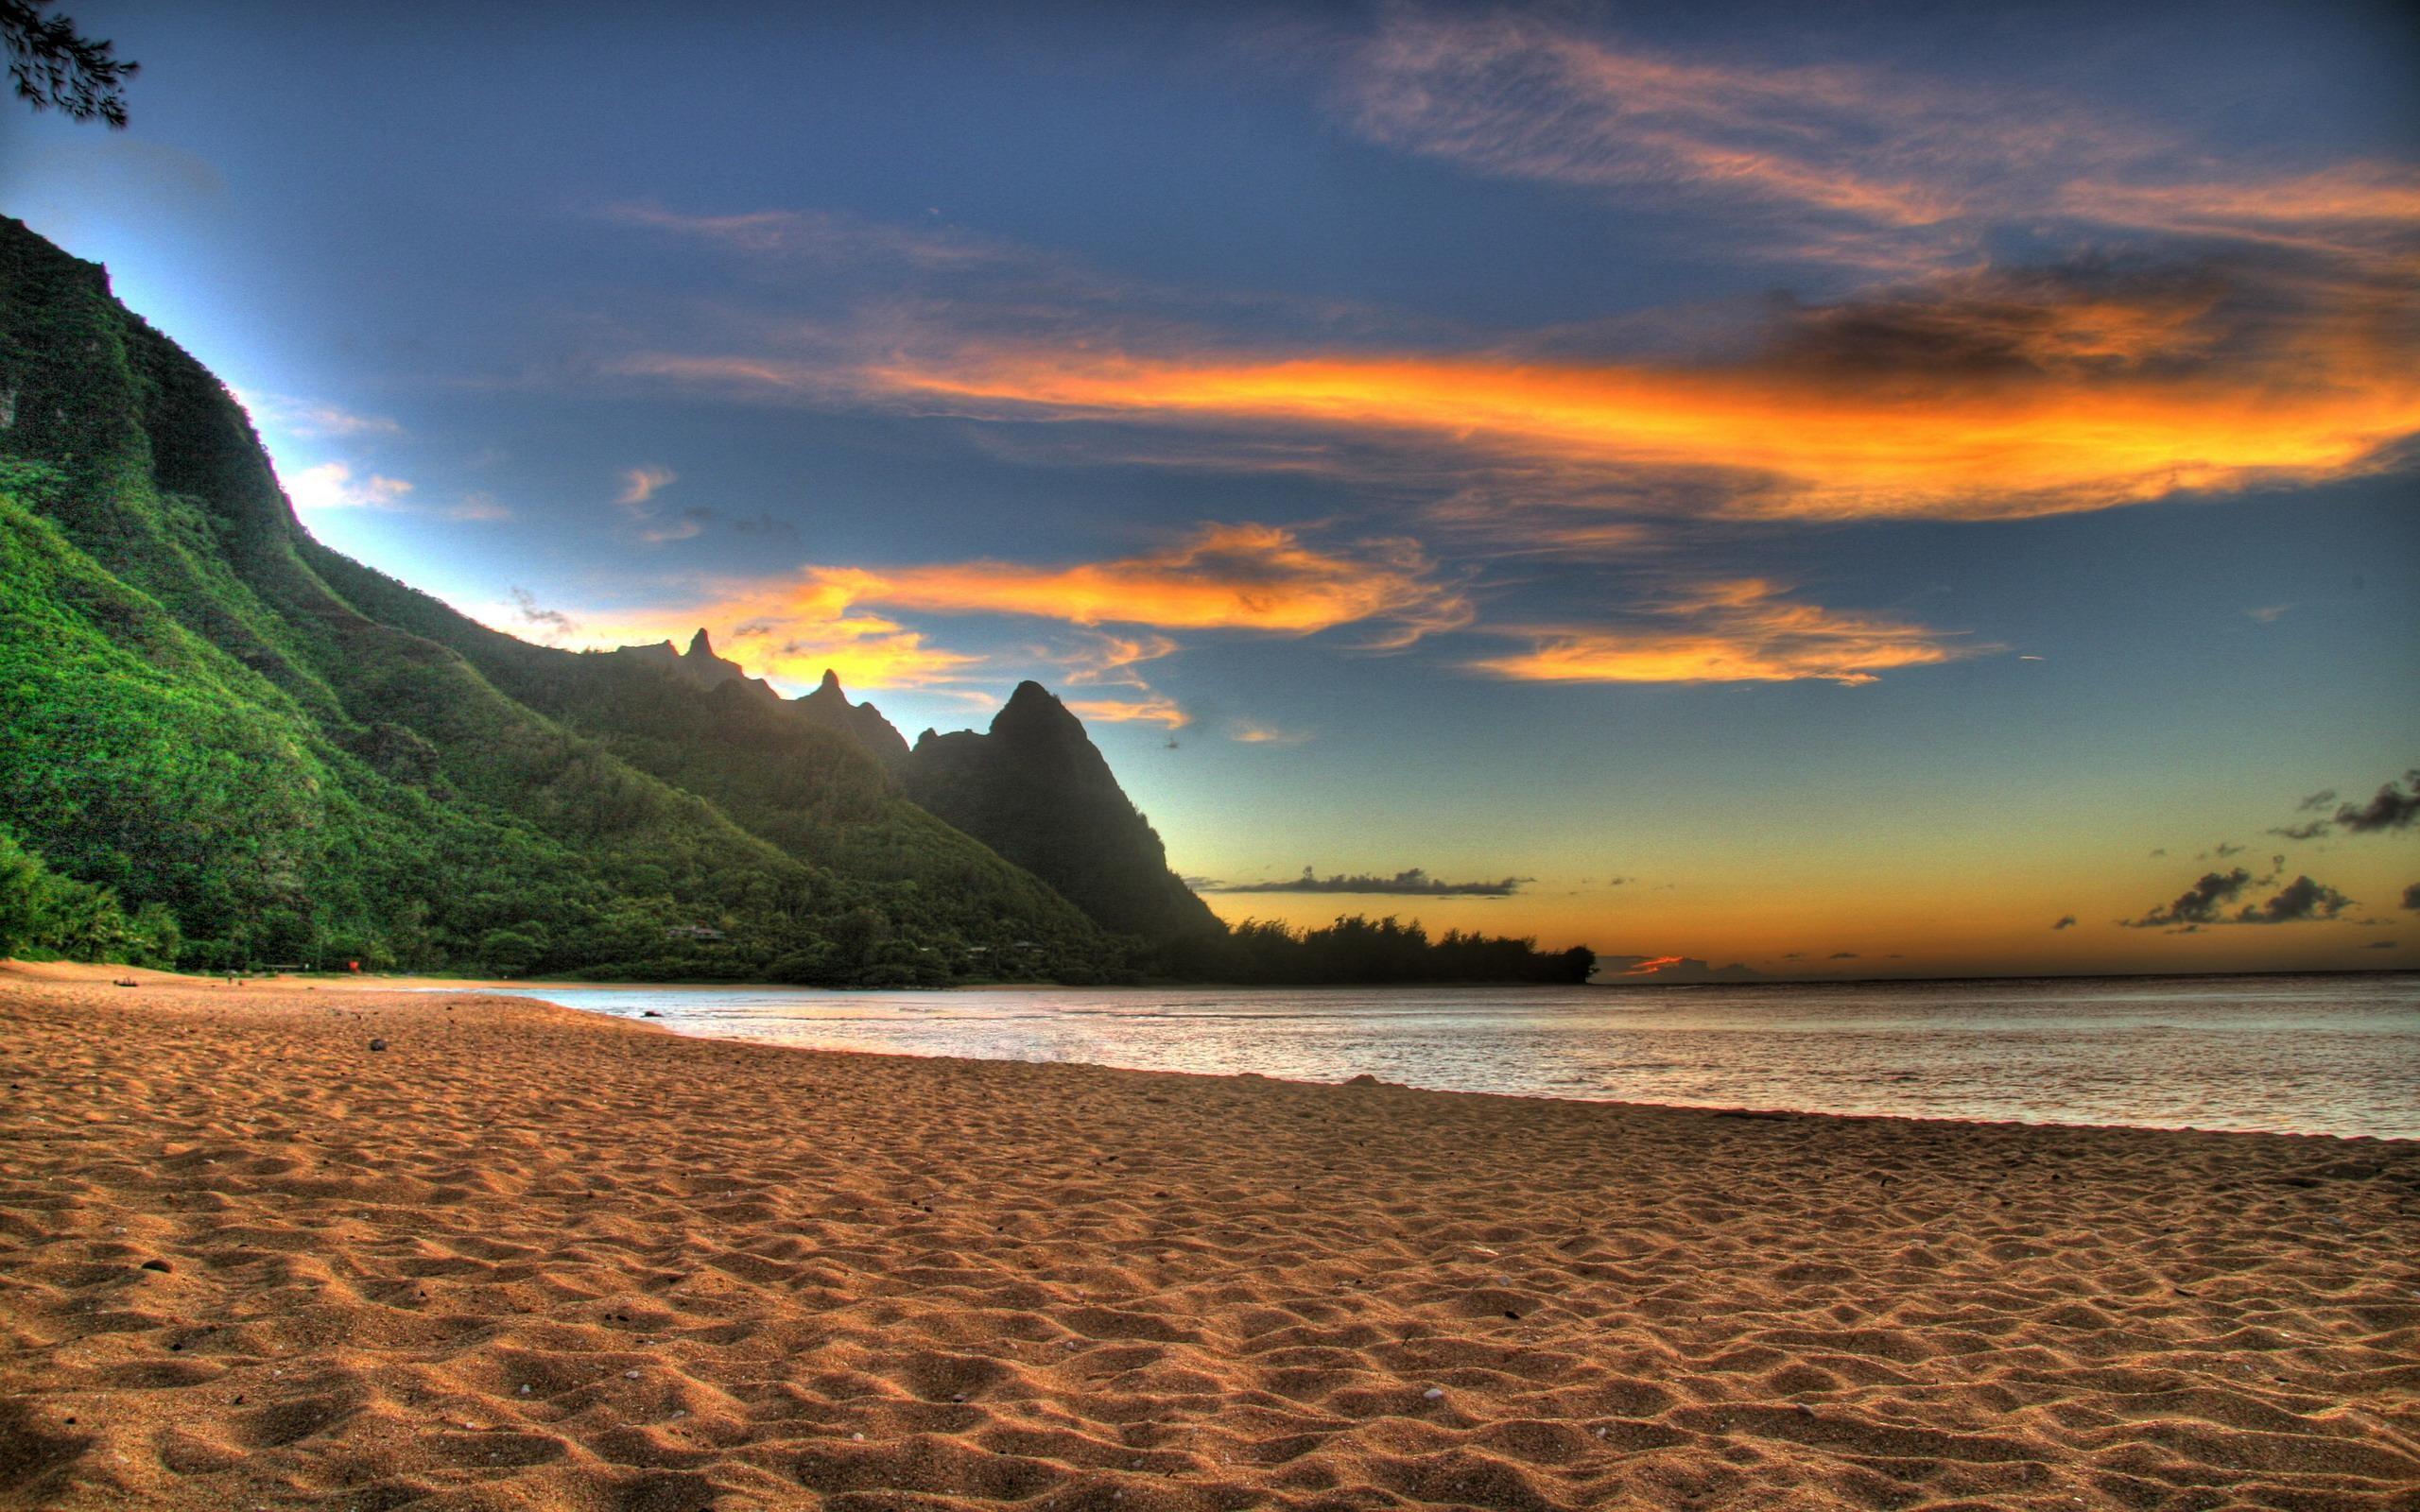 2560x1600 Beach Sunset Wallpaper Desktop Windows With